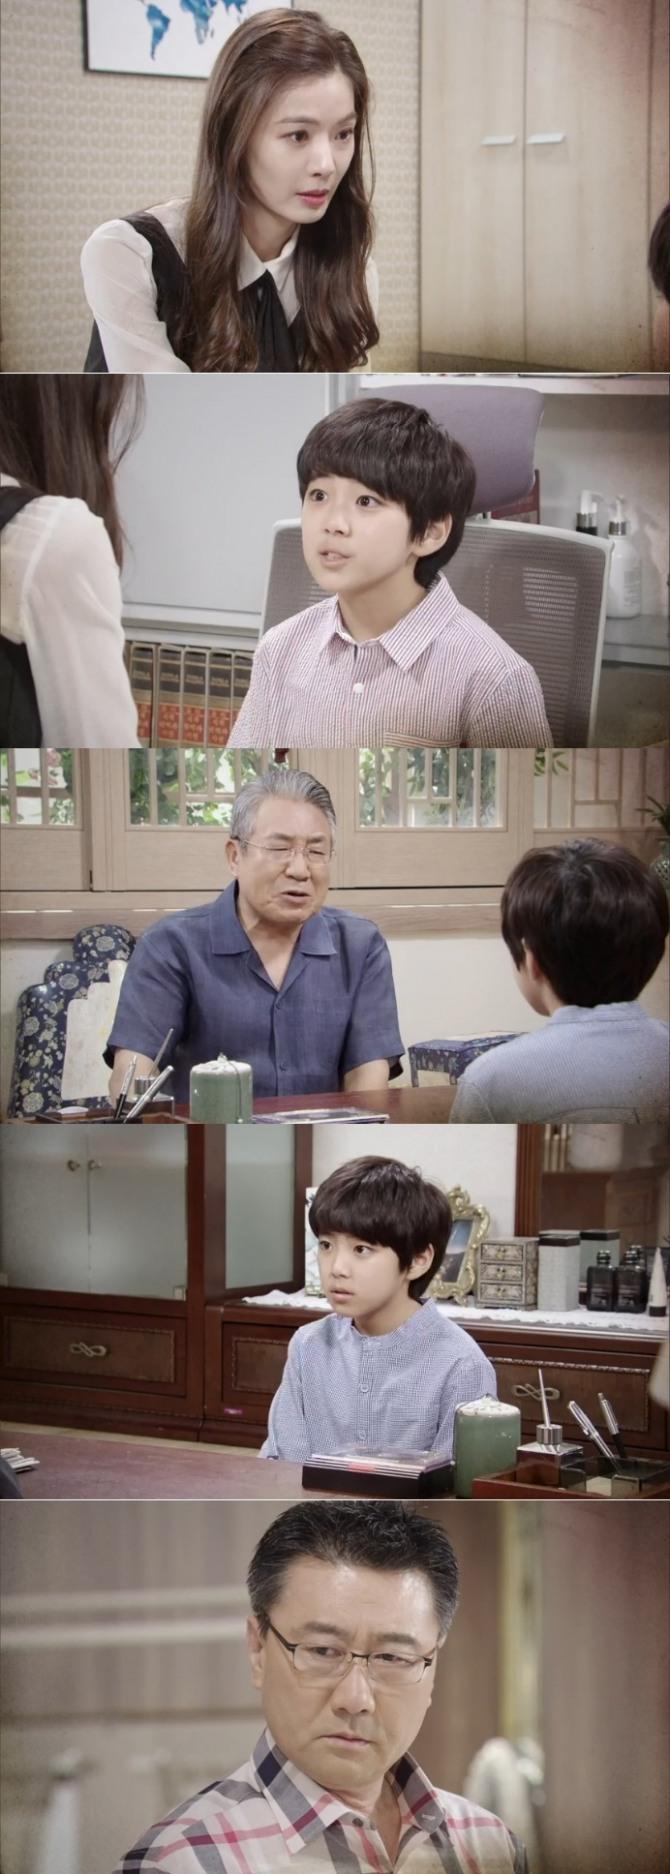 12일 오후 방송되는 KBS2TV 일일드라마 '태양의 계절'(극본 이은주, 연출 김원용) 49회에는 최태준(최정우 분)의 계략에 말려 든 윤시월(윤소이 분)이 아들 지민이와 생이별을 앞둬 긴장감을 고조시킨다. 사진=KBS2TV '태양의 계절' 49회 예고 영상 캡처